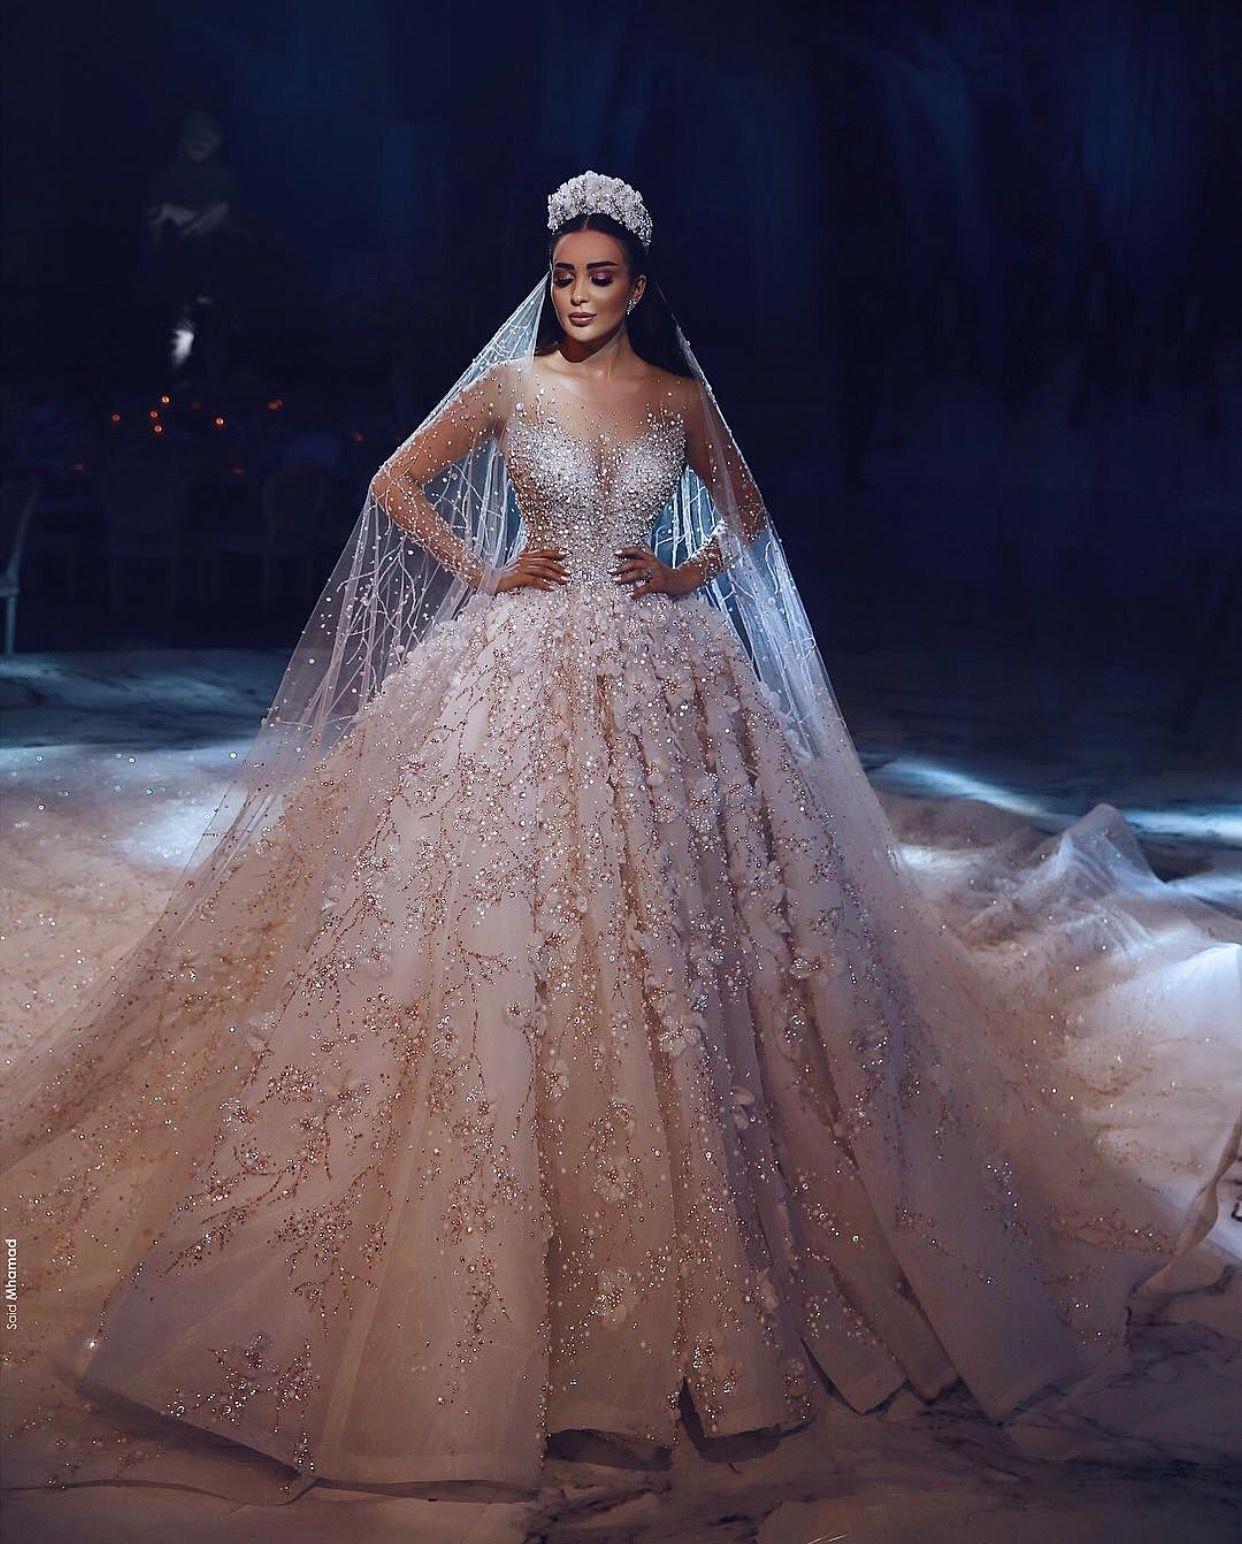 gorgeous ladies fashion ideas 85116 #ladiesfashionideas